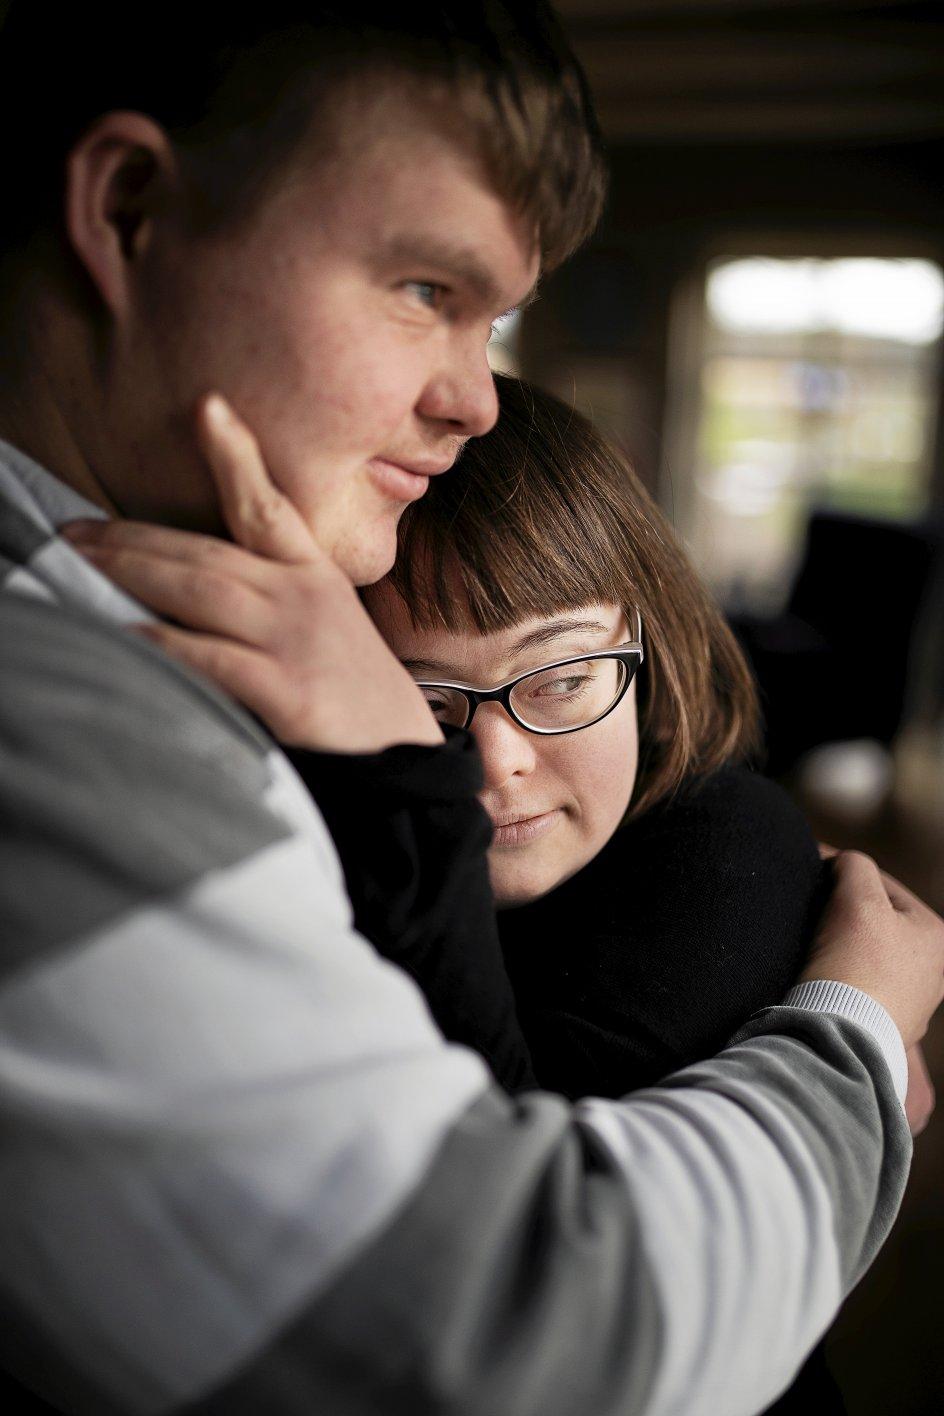 """Filmen """"Et ægte par"""" af Emil Langballe handler om ægteskabet mellem Sidsel Boel Kruse og Christian Larsen. Dokumentaren har premiere i dag ved CPH:DOX, og fra den 1. maj kan den ses på TV 2."""